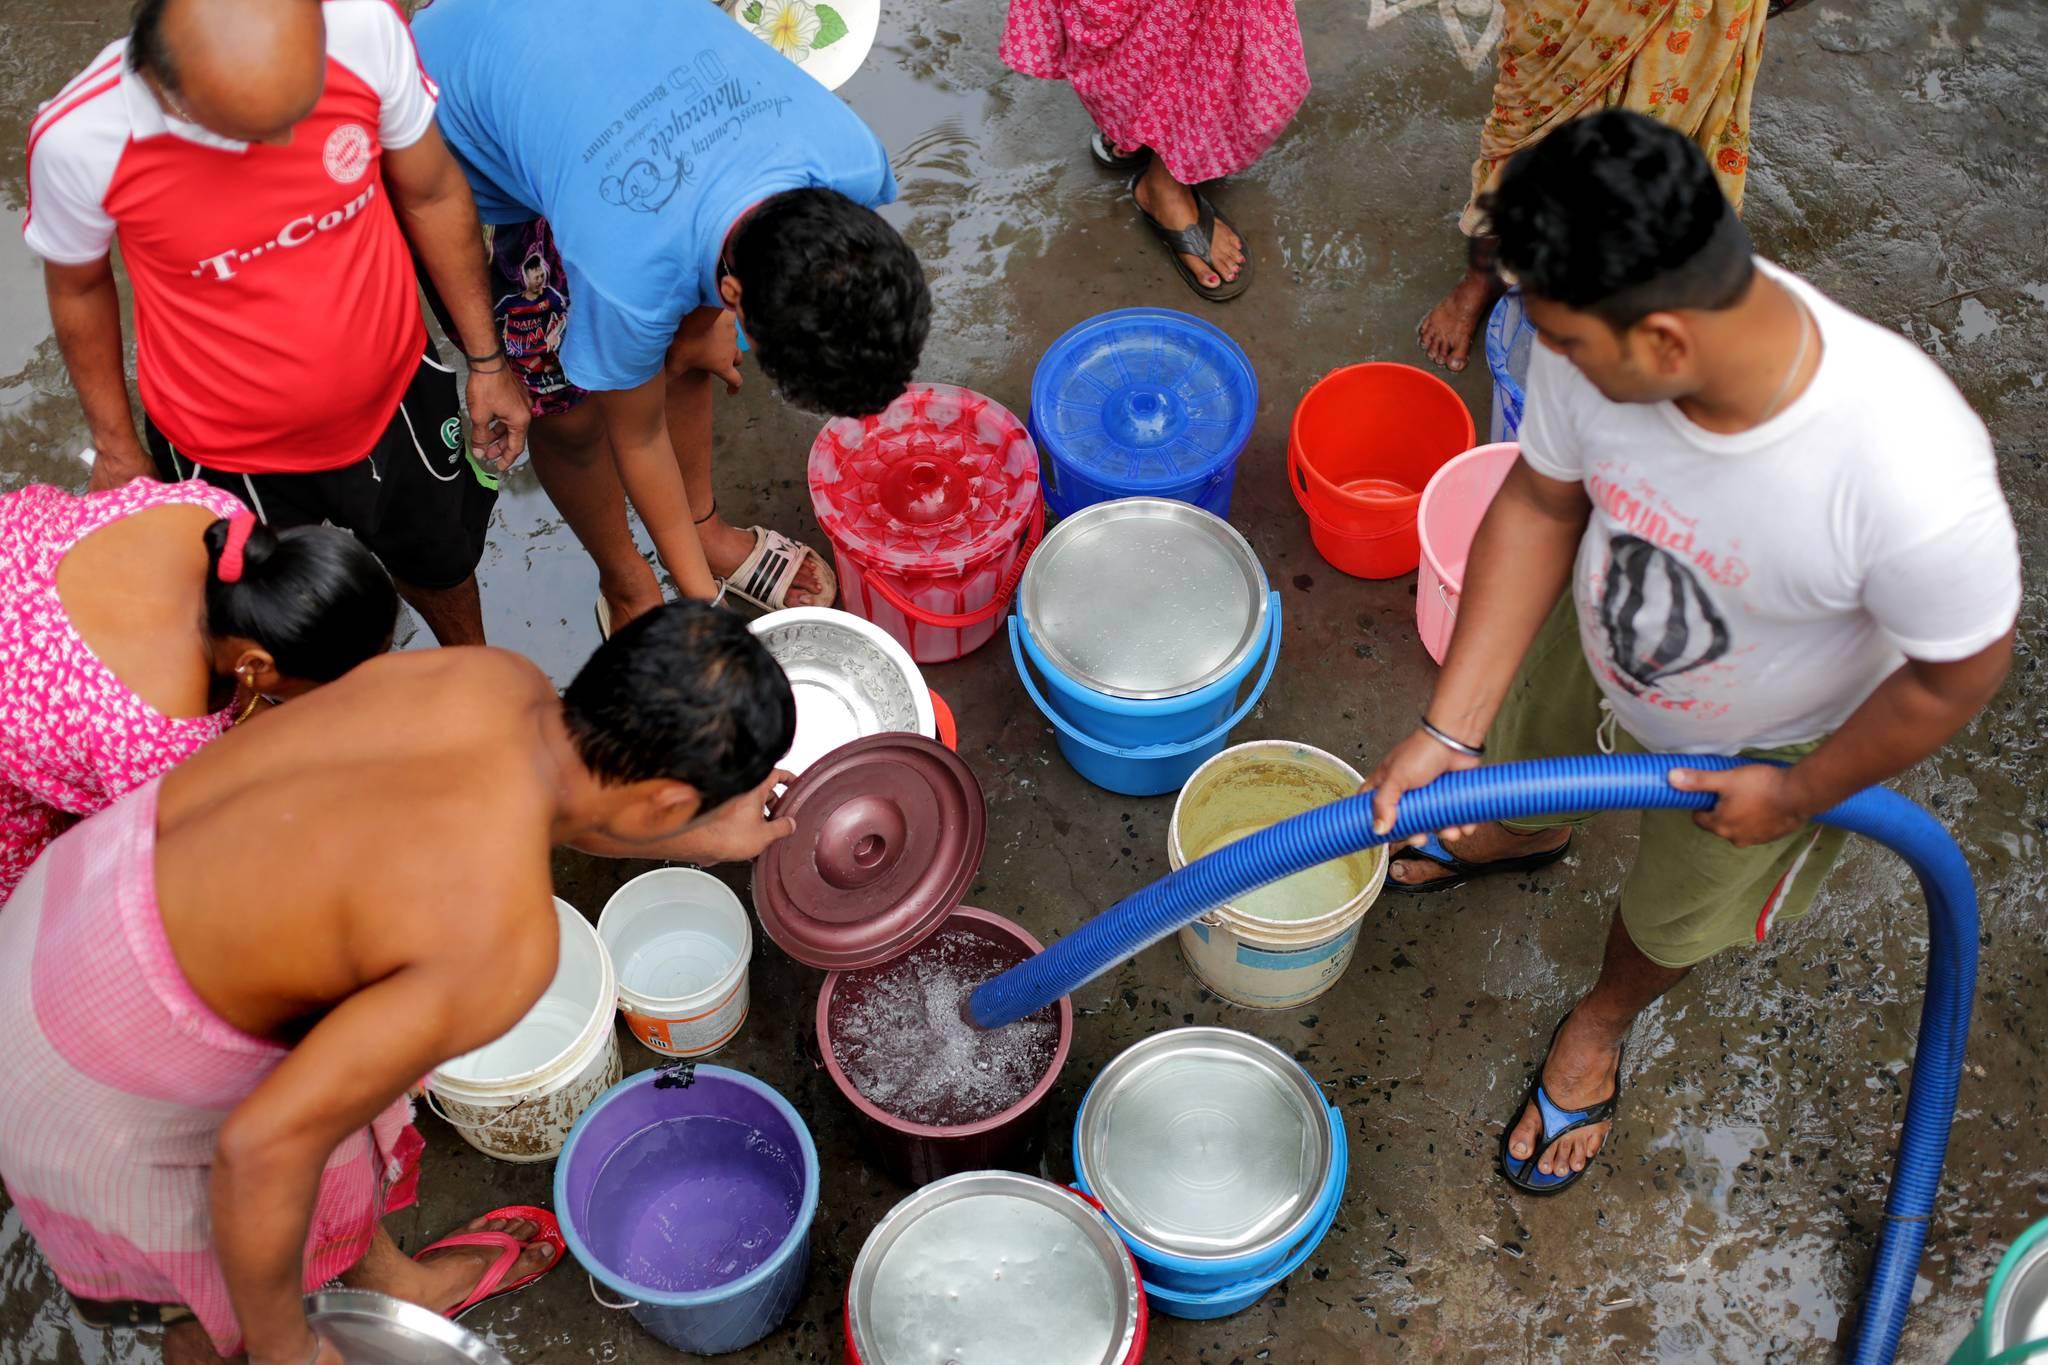 인도 콜카타 지역 빈민촌에서 수돗물을 공급받기 위해 주민들이 물통을 가져다 놓은 모습. [EPA=연합뉴스]